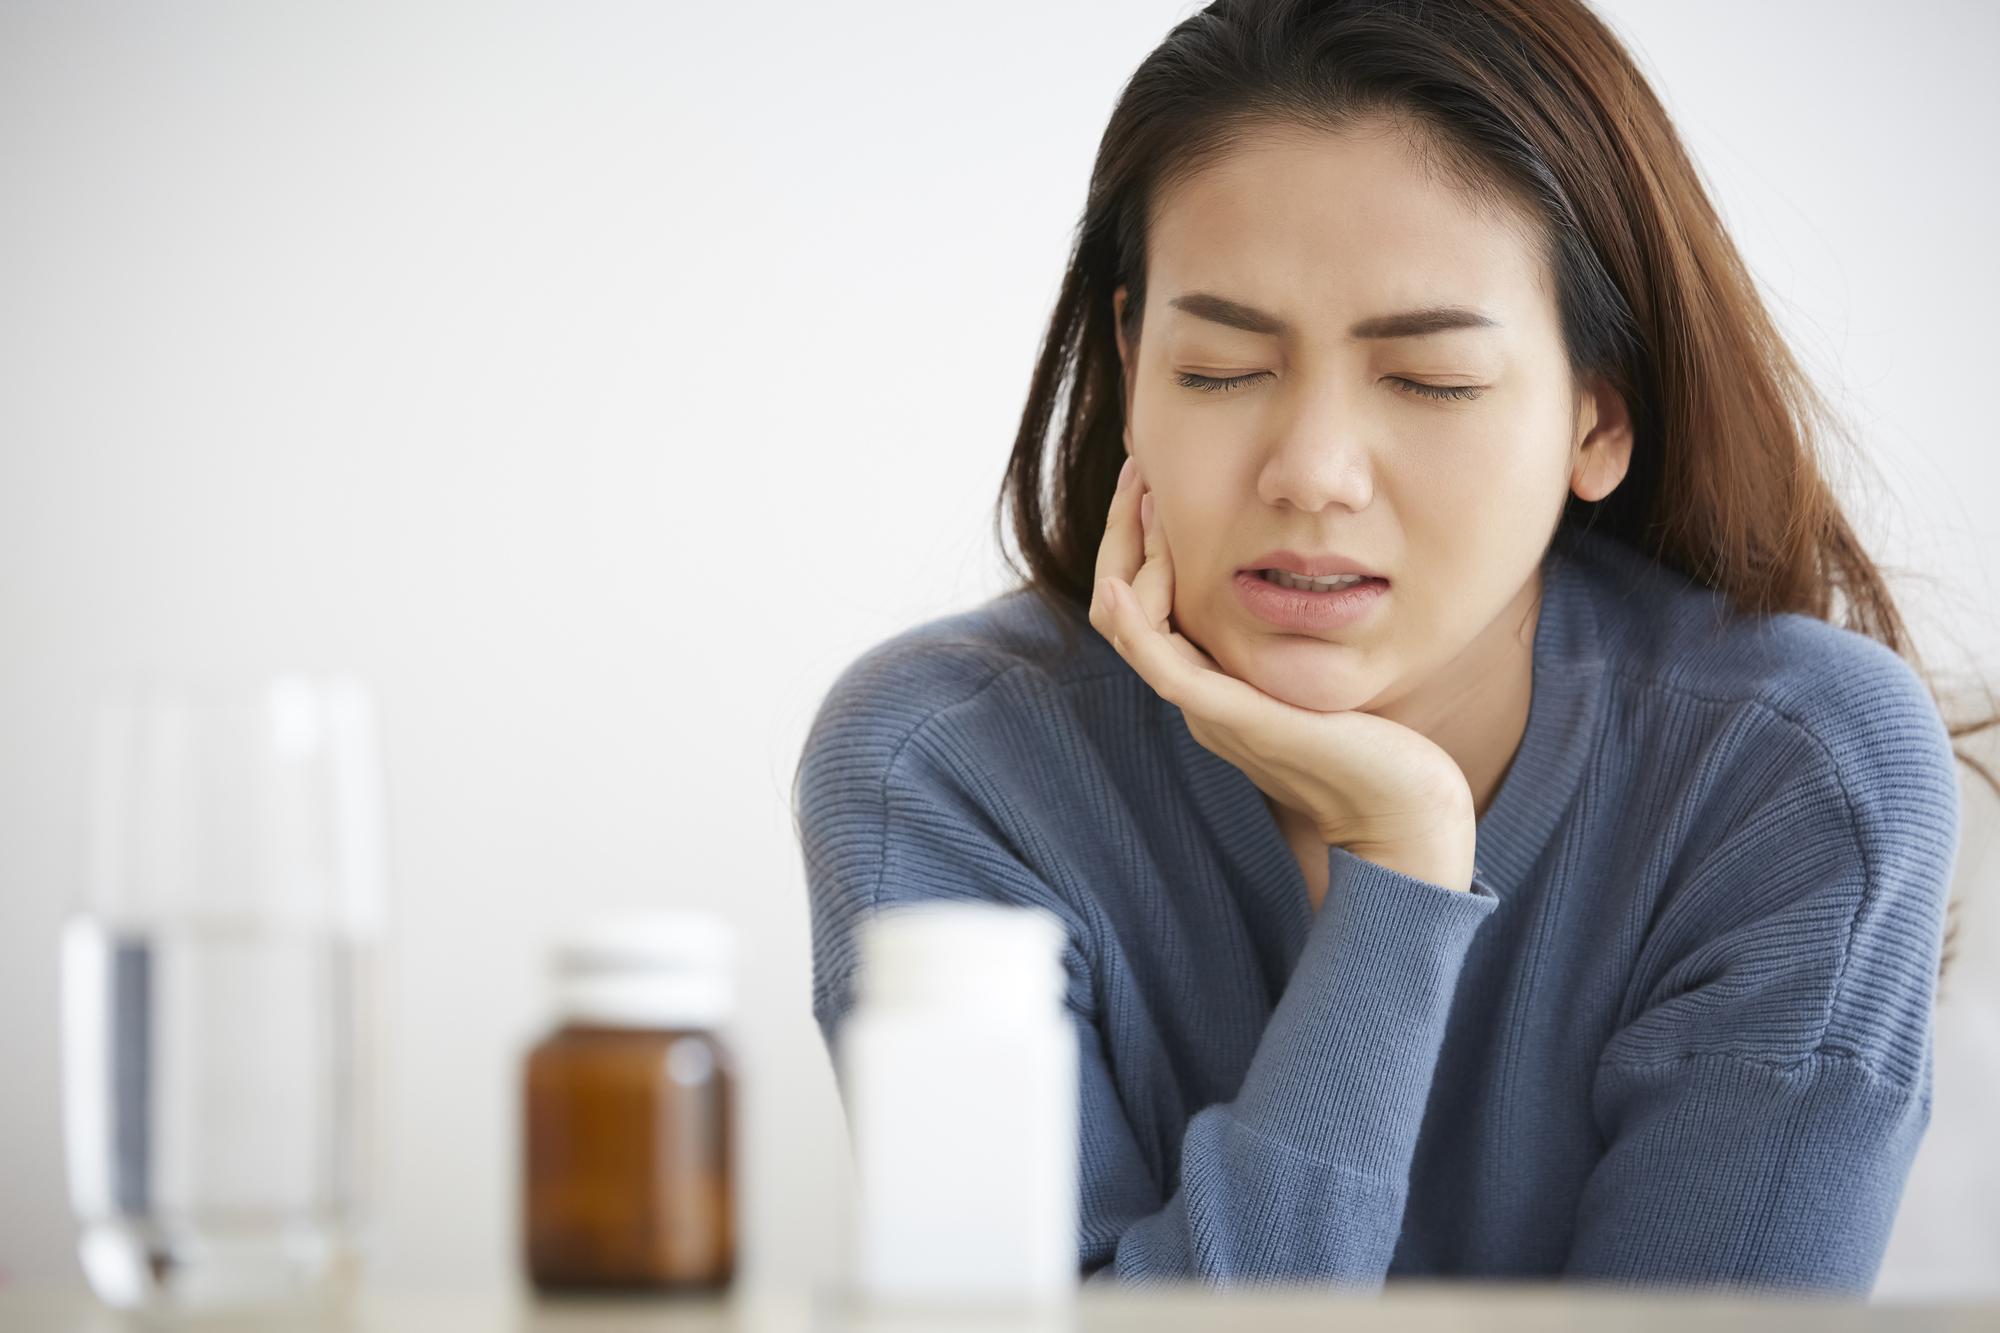 ノロウイルスに特効薬はない? ノロウイルスの予防と対処法を知ろう!